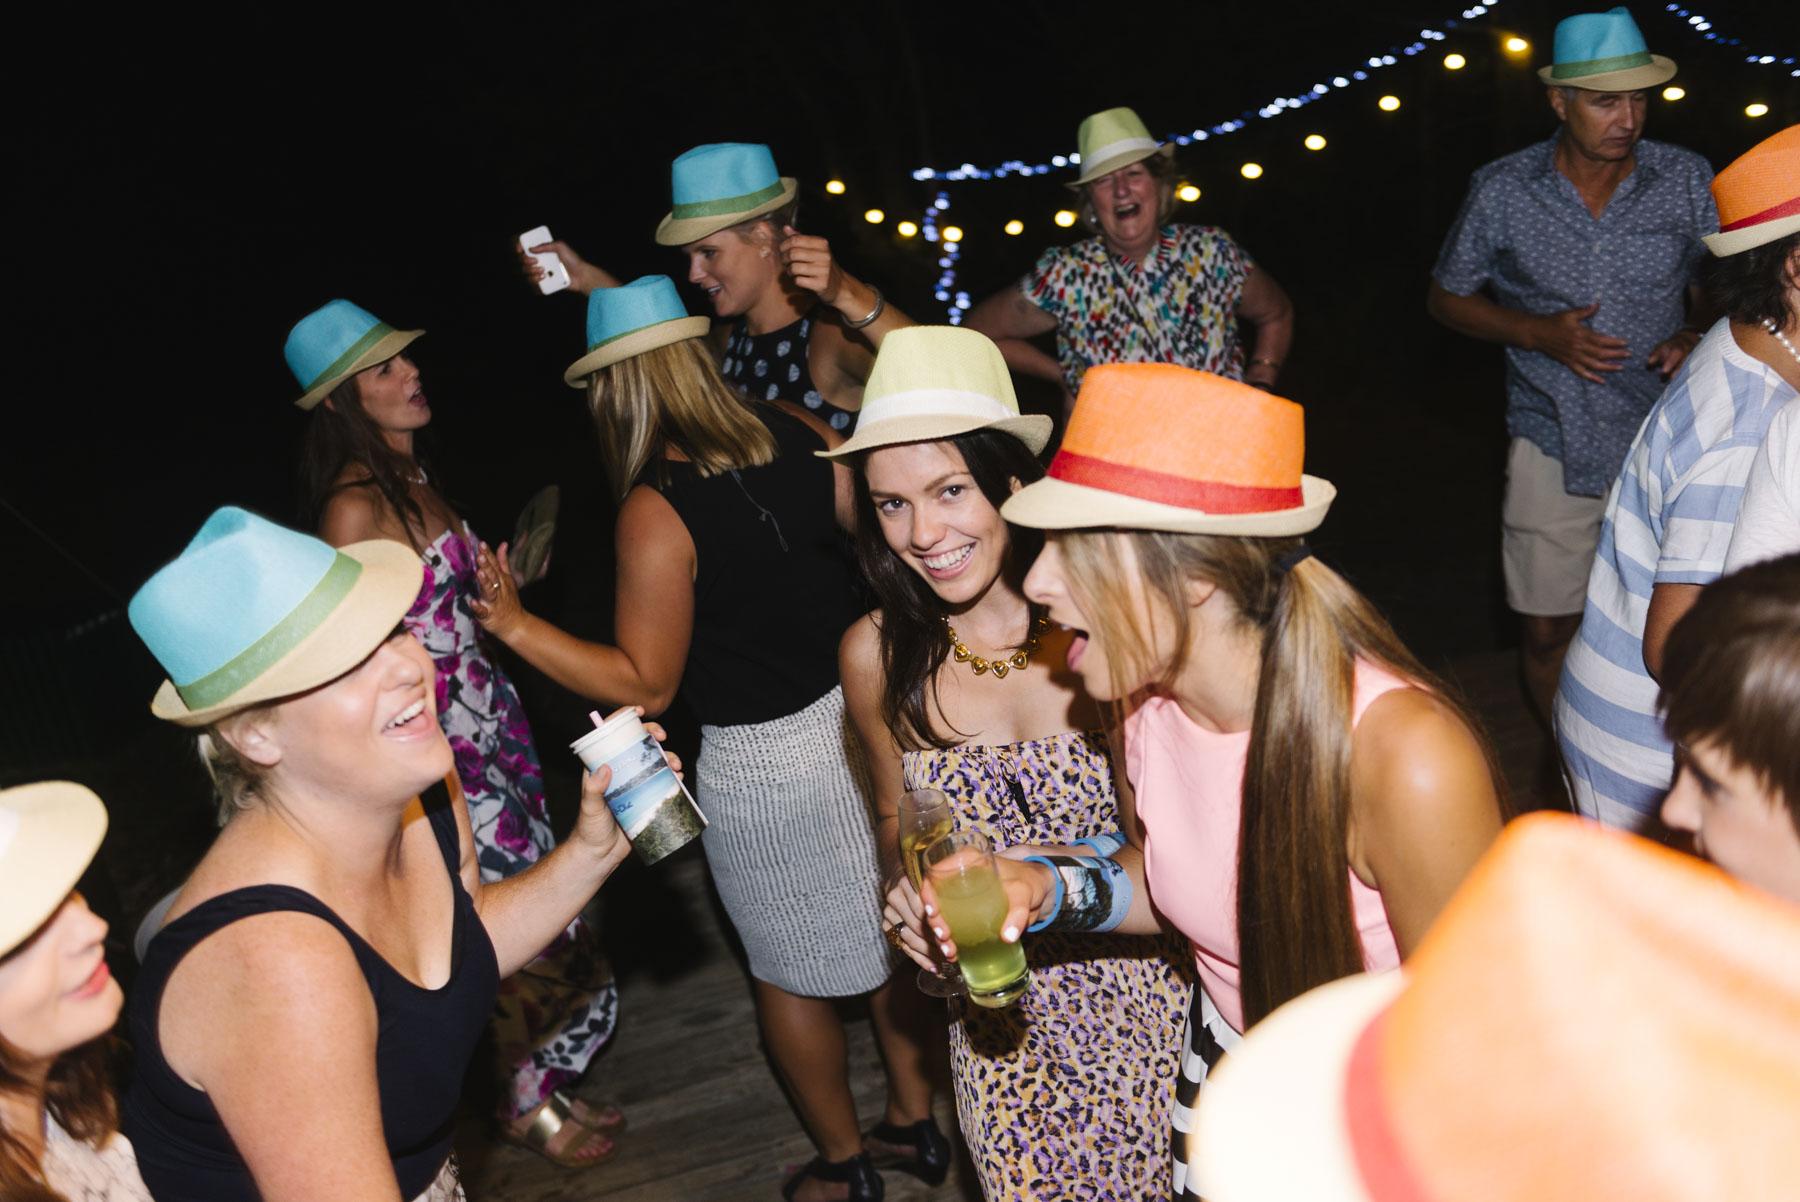 1501curchill-540alan_moyle_wedding_portrait_brighton_bayside_bay_of_fires_rustic_styled_rustic_beach_candid_documentry_binalongbay_tasmania_destination.jpg